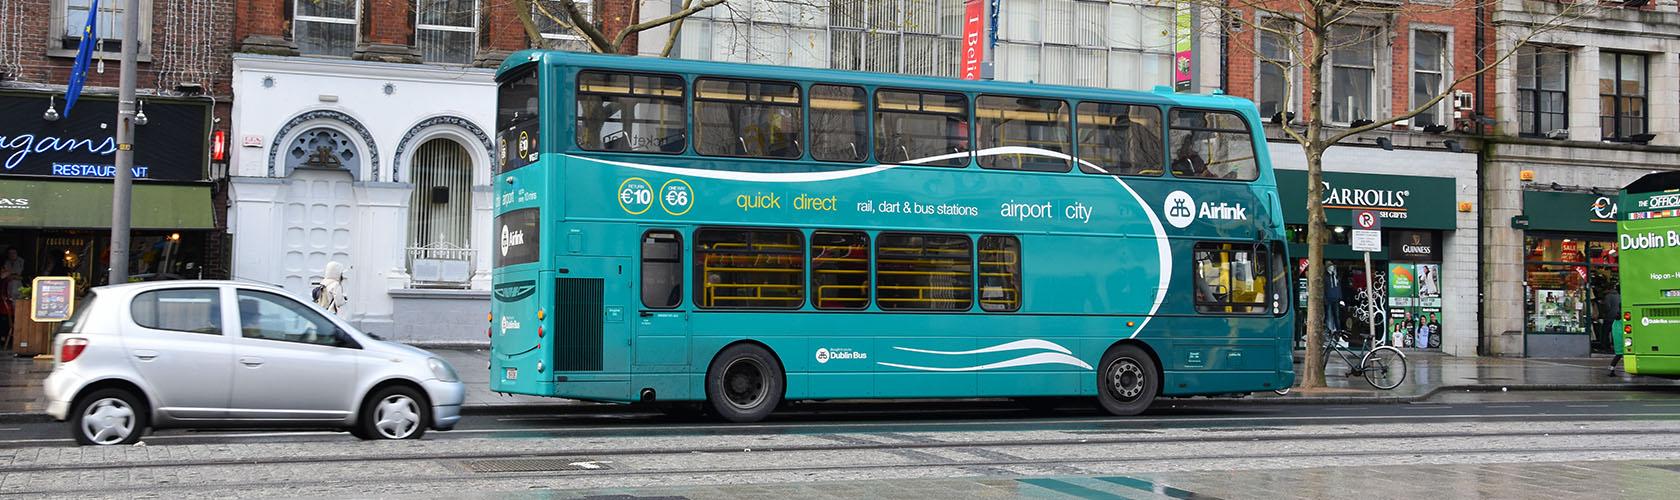 airlink express dublin transfer de luchthaven